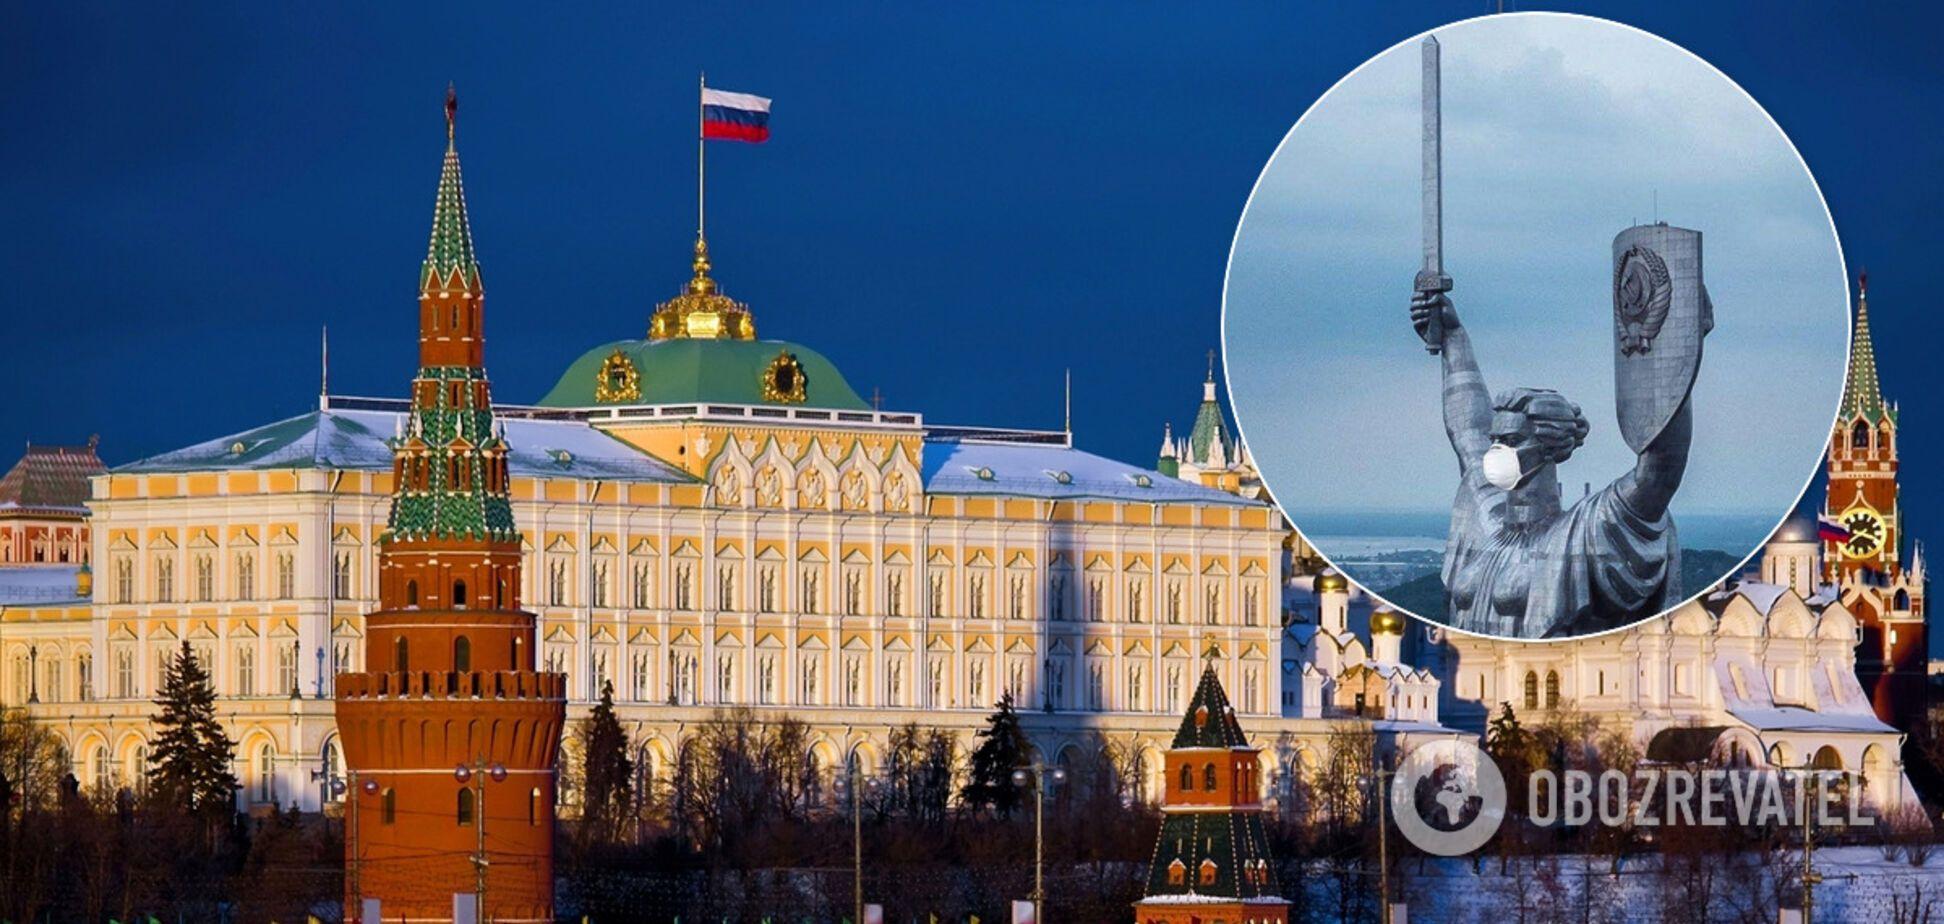 В Киеве разоблачили агитаторов, которые за деньги России распространяли фейки о коронавирусе. Иллюстрация